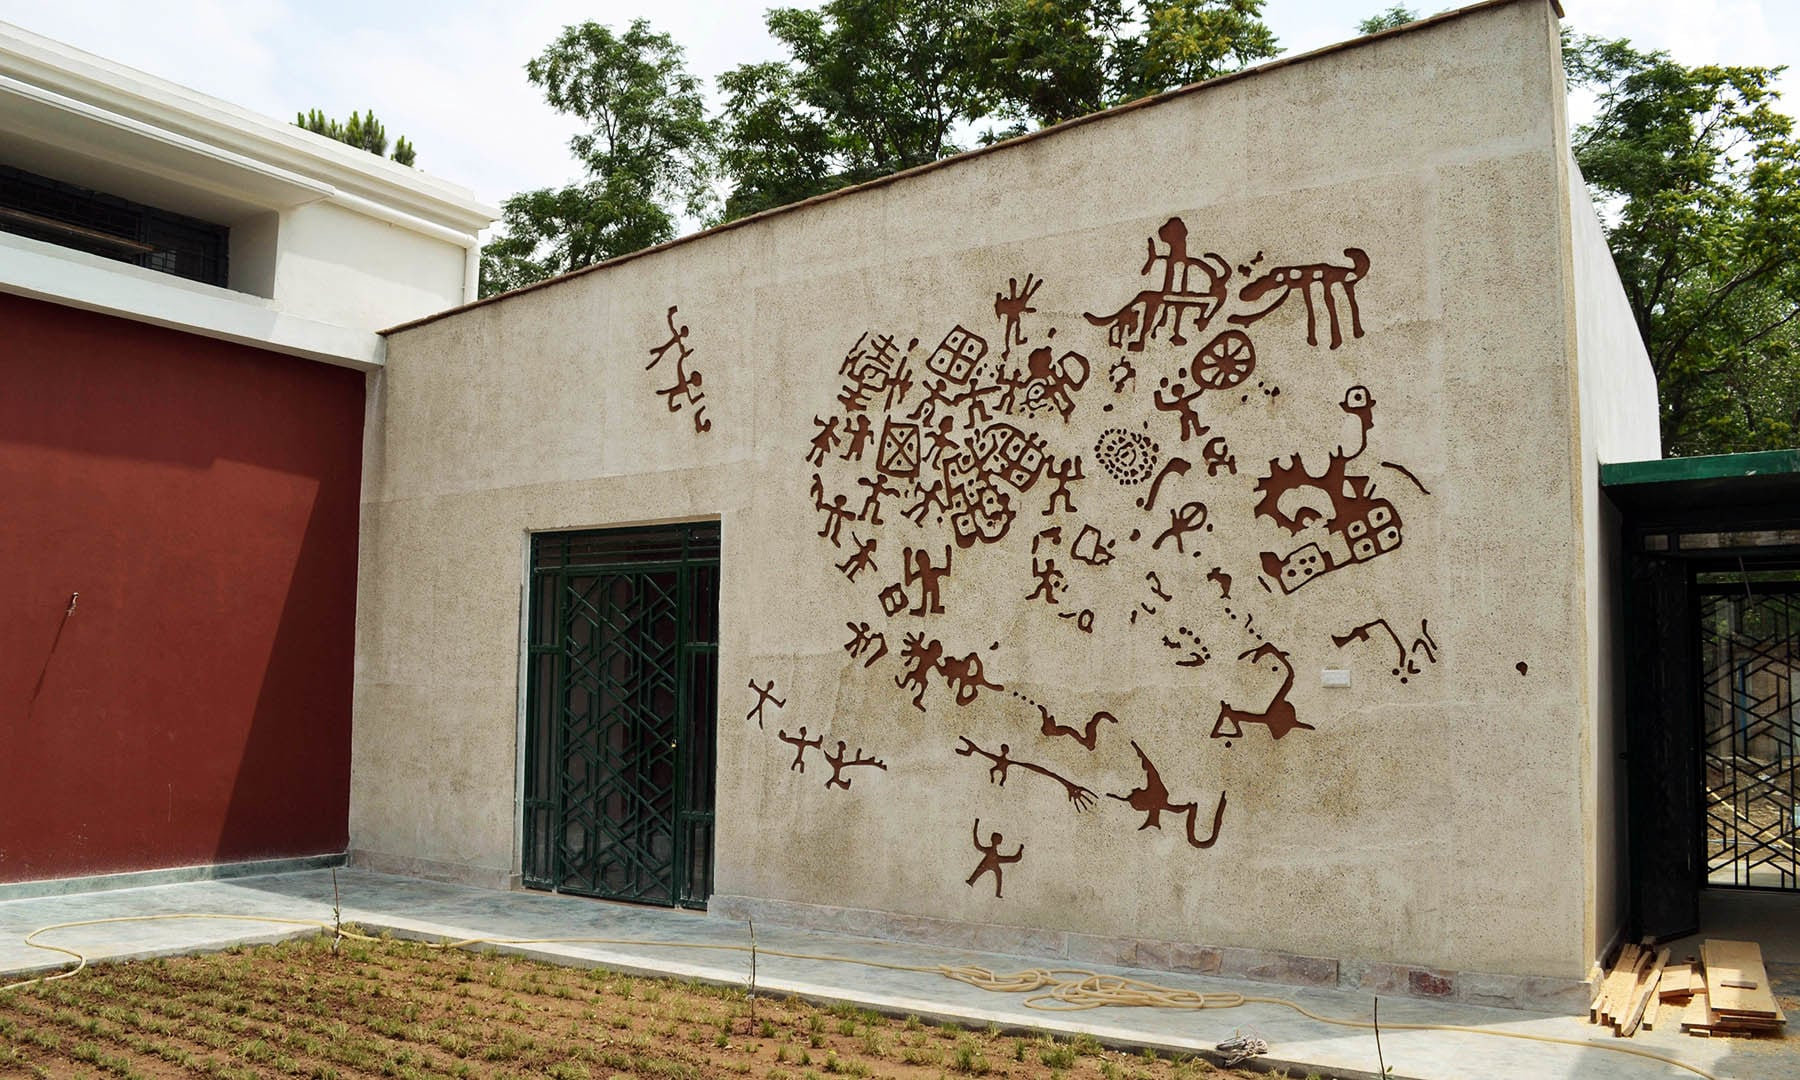 سوات میوزیم کی دیوار پر کاکئی کنڈو اور سرگاہ سر کی پینٹنگز کو دوہرایا گیا ہے— امجد علی سحاب